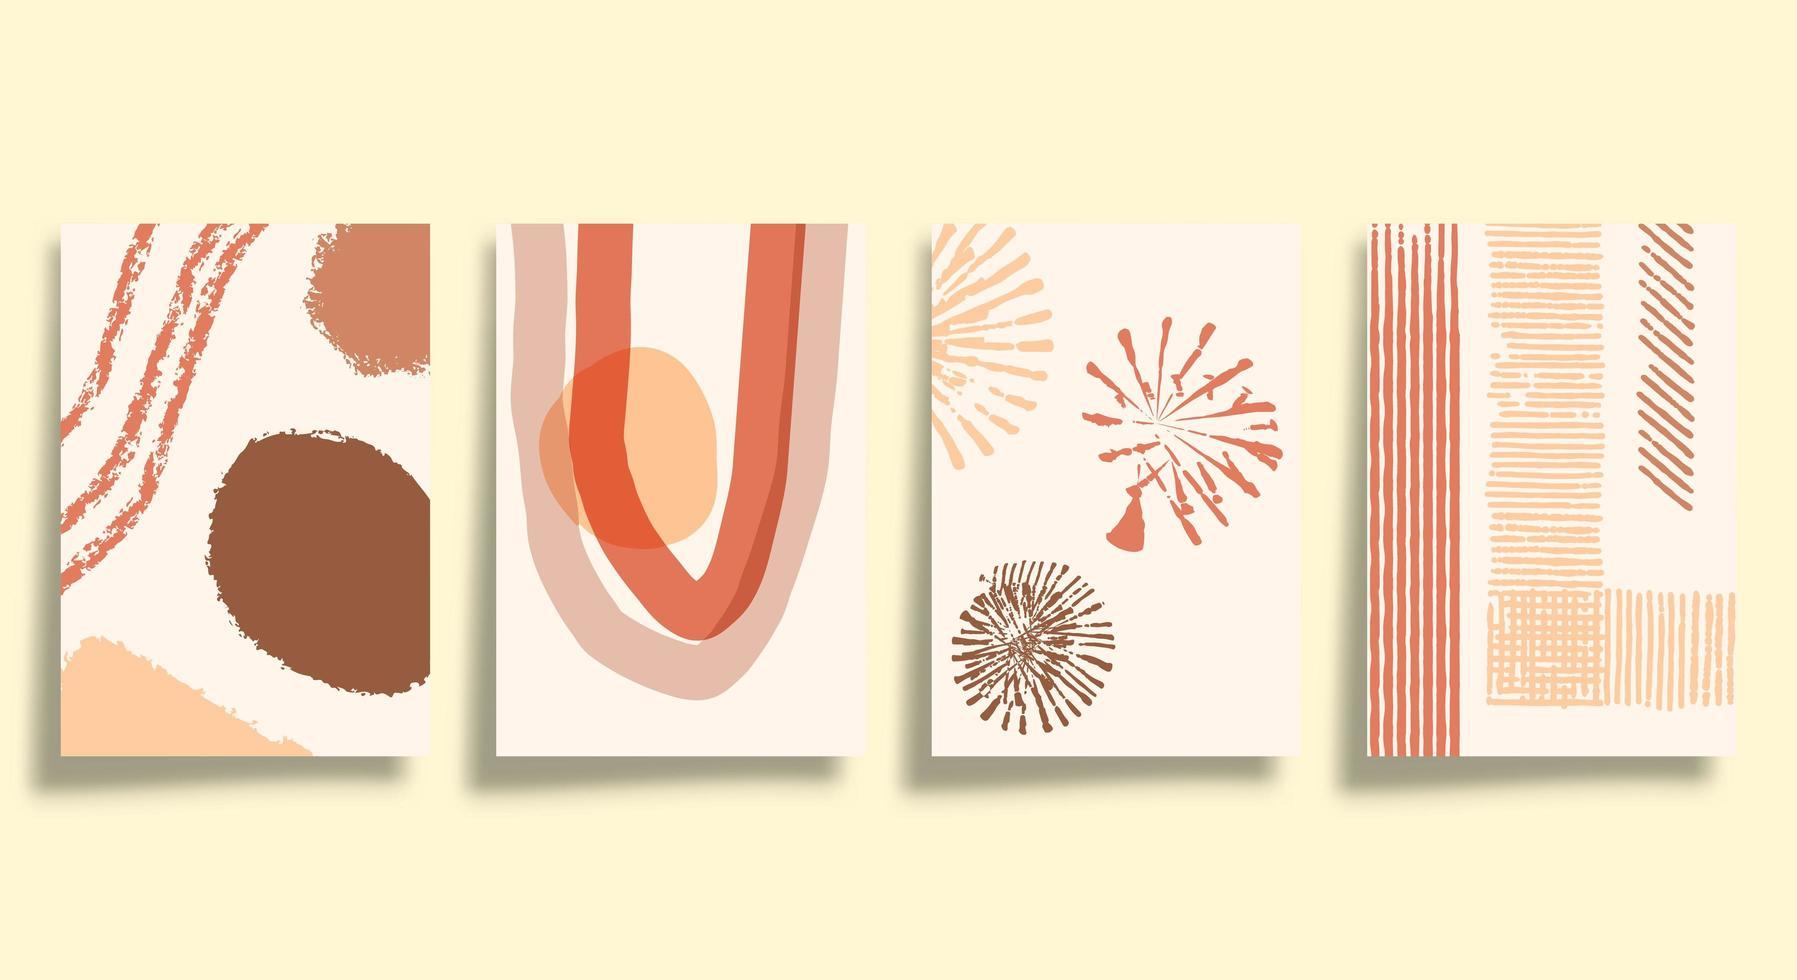 uppsättning abstrakta minimalistiska typografiöverdrag vektor